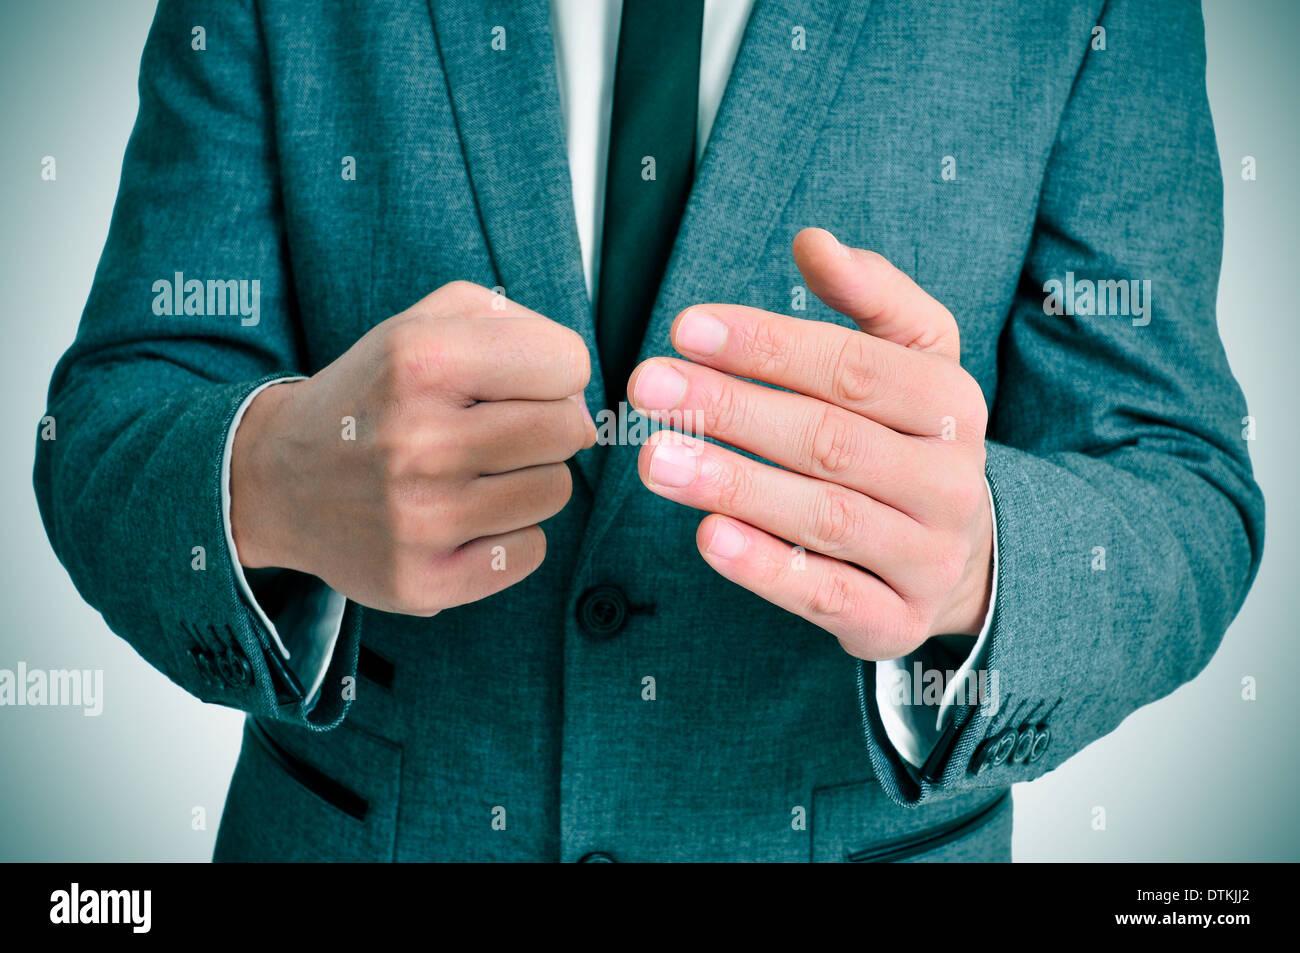 Homme portant un costume homme en costume avec un geste menaçant Photo Stock